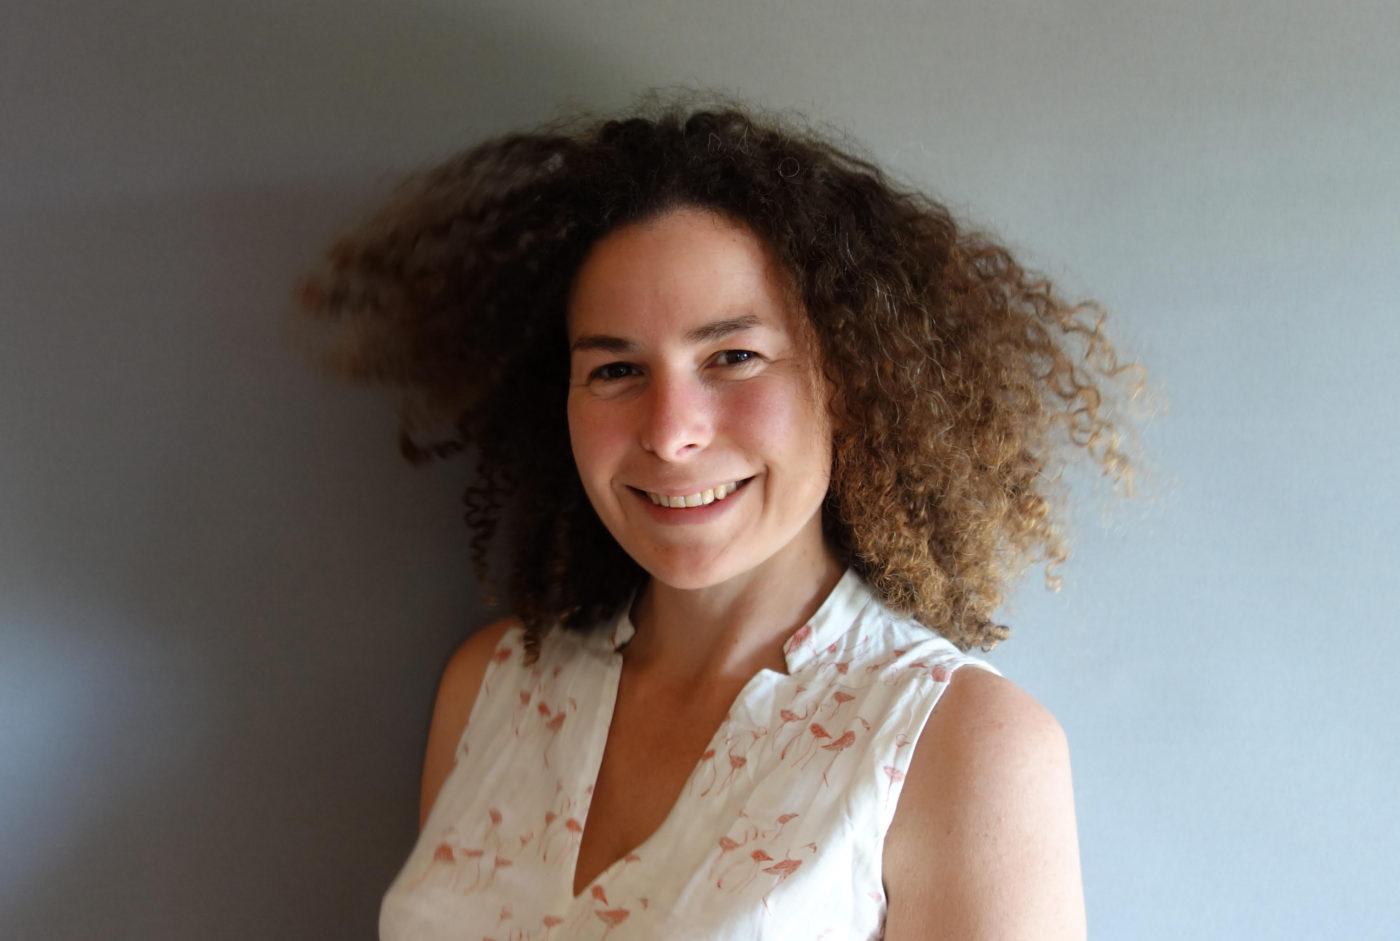 Aurélie Guitton — Pôle Arts Visuels Pays de la Loire